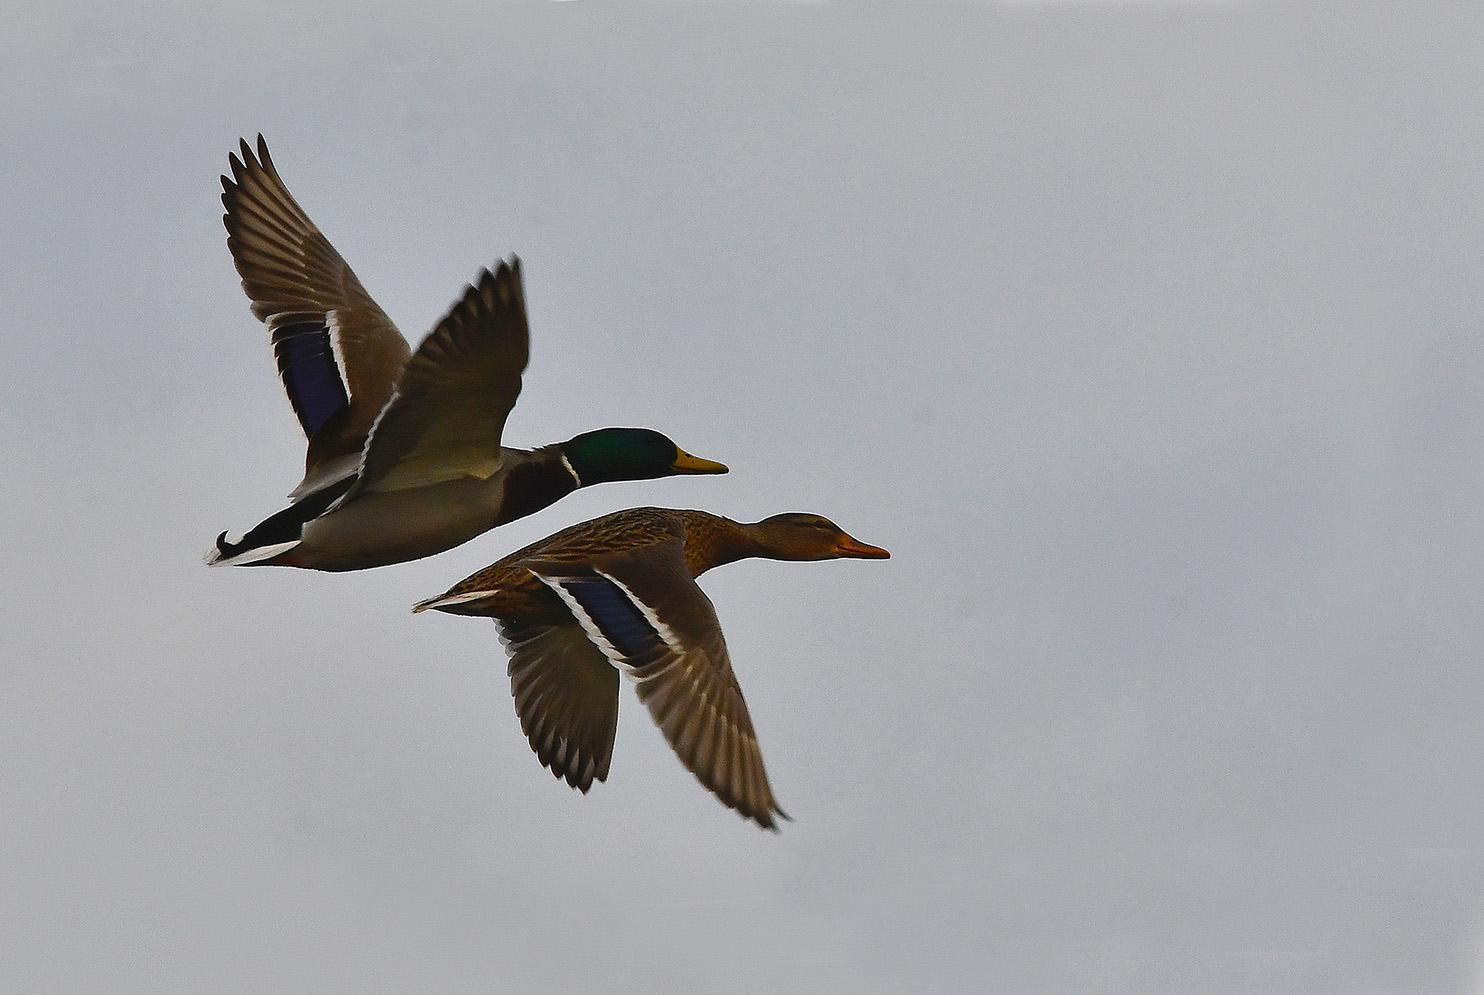 Het mannetje vliegt beschermend boven het vrouwtje - Foto: ©Louis Fraanje